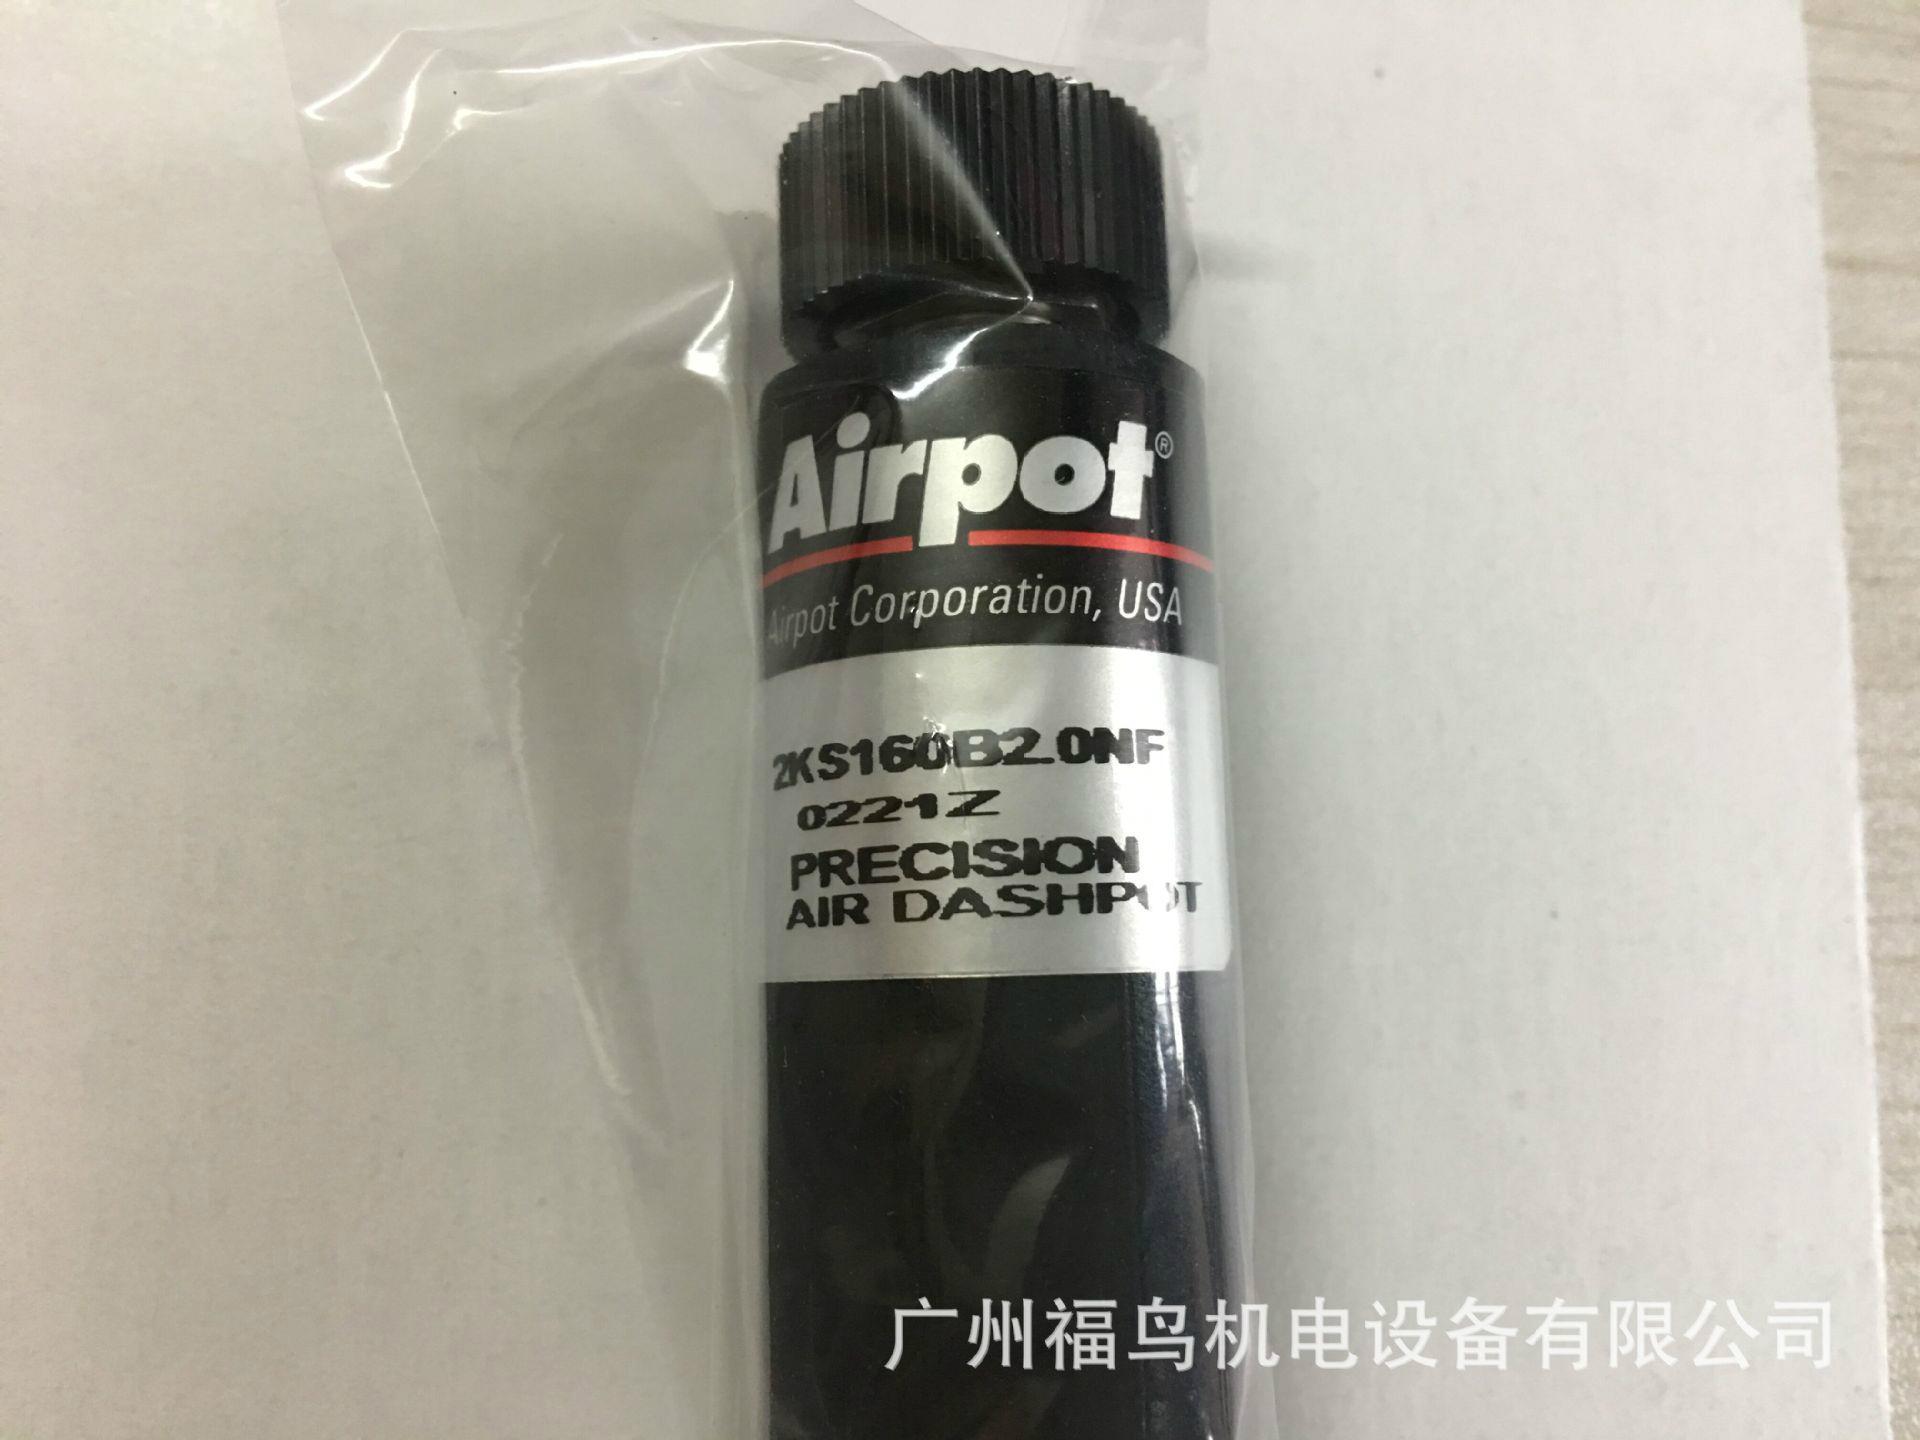 供应AIRPOT气缸, 阻尼器(2KS160B2.0NF) 6